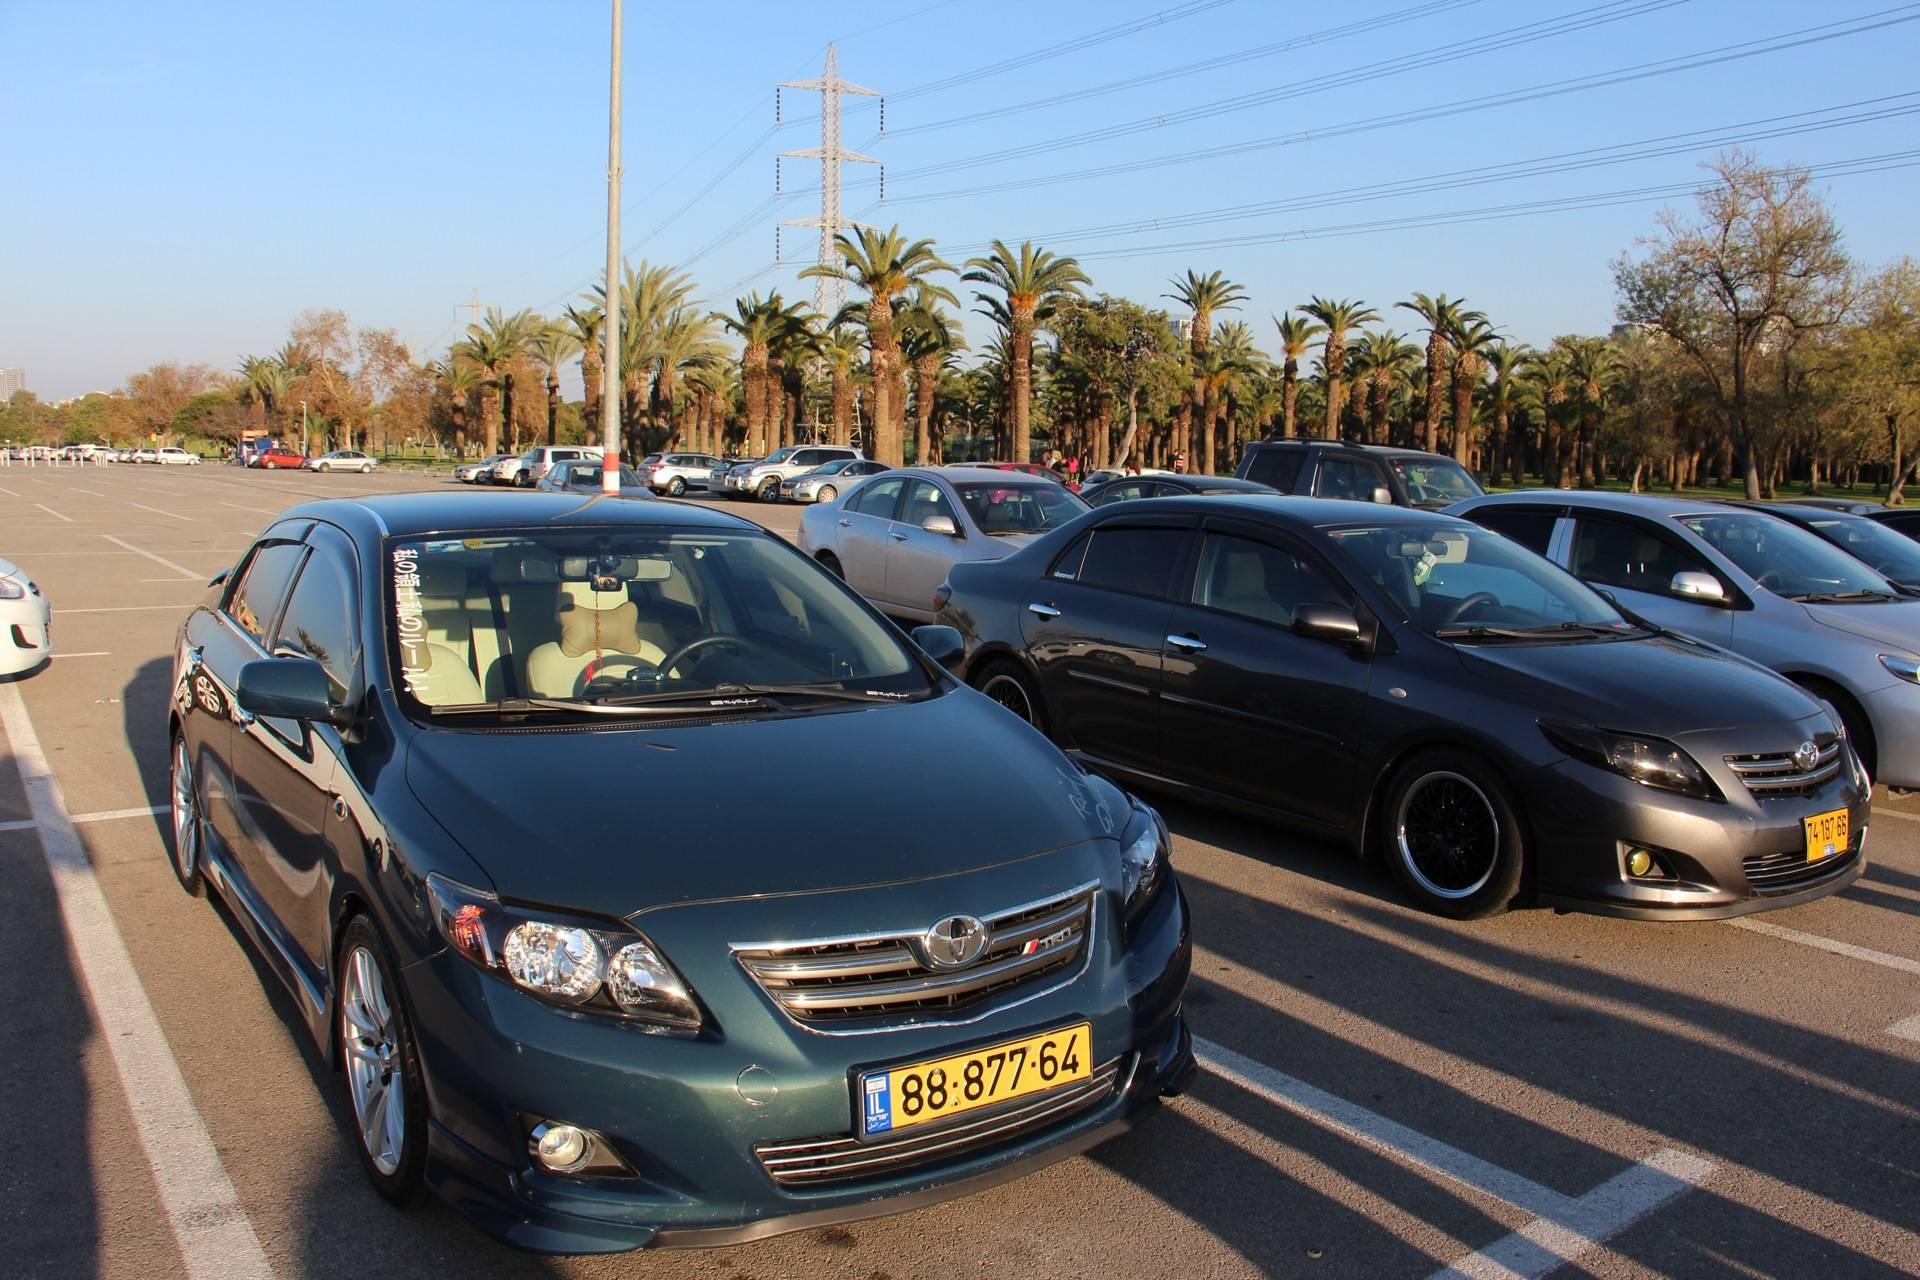 Купить авто в израиле – новые и б/у машины, автомобили яд2.